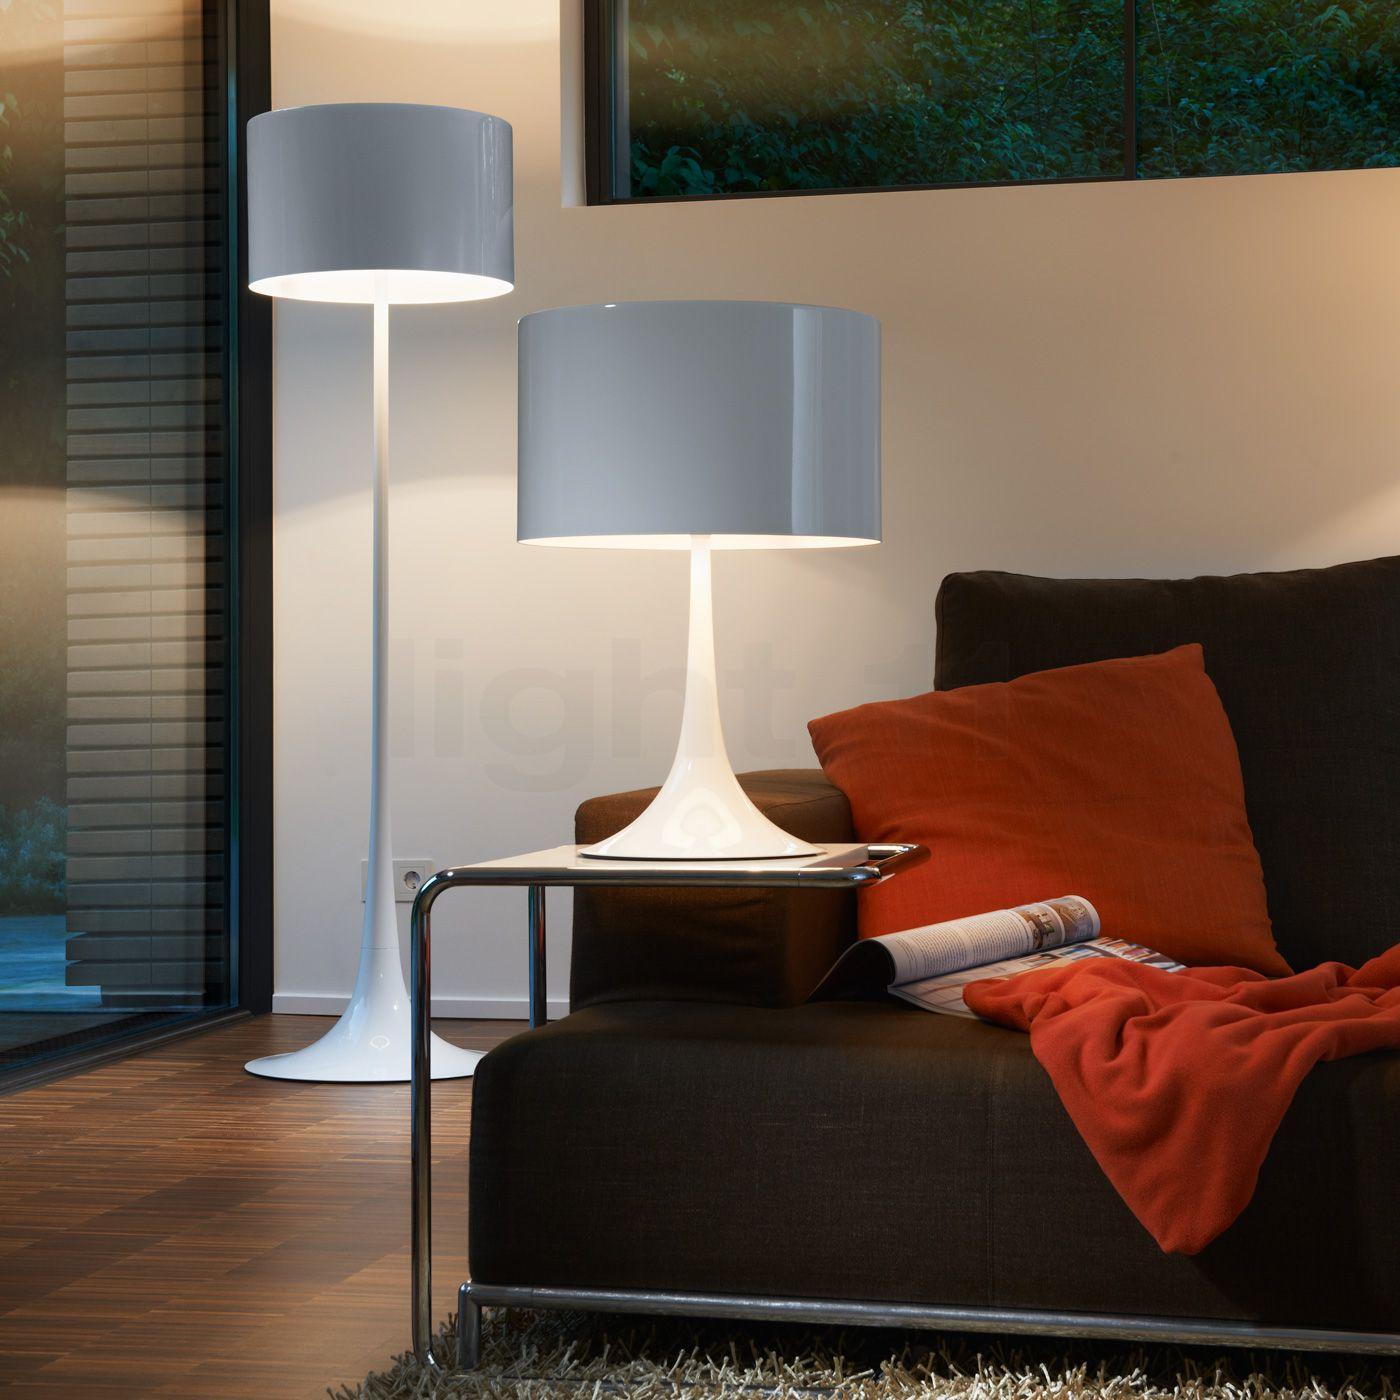 Flos Spun Light F Floor lamps buy at light11.eu